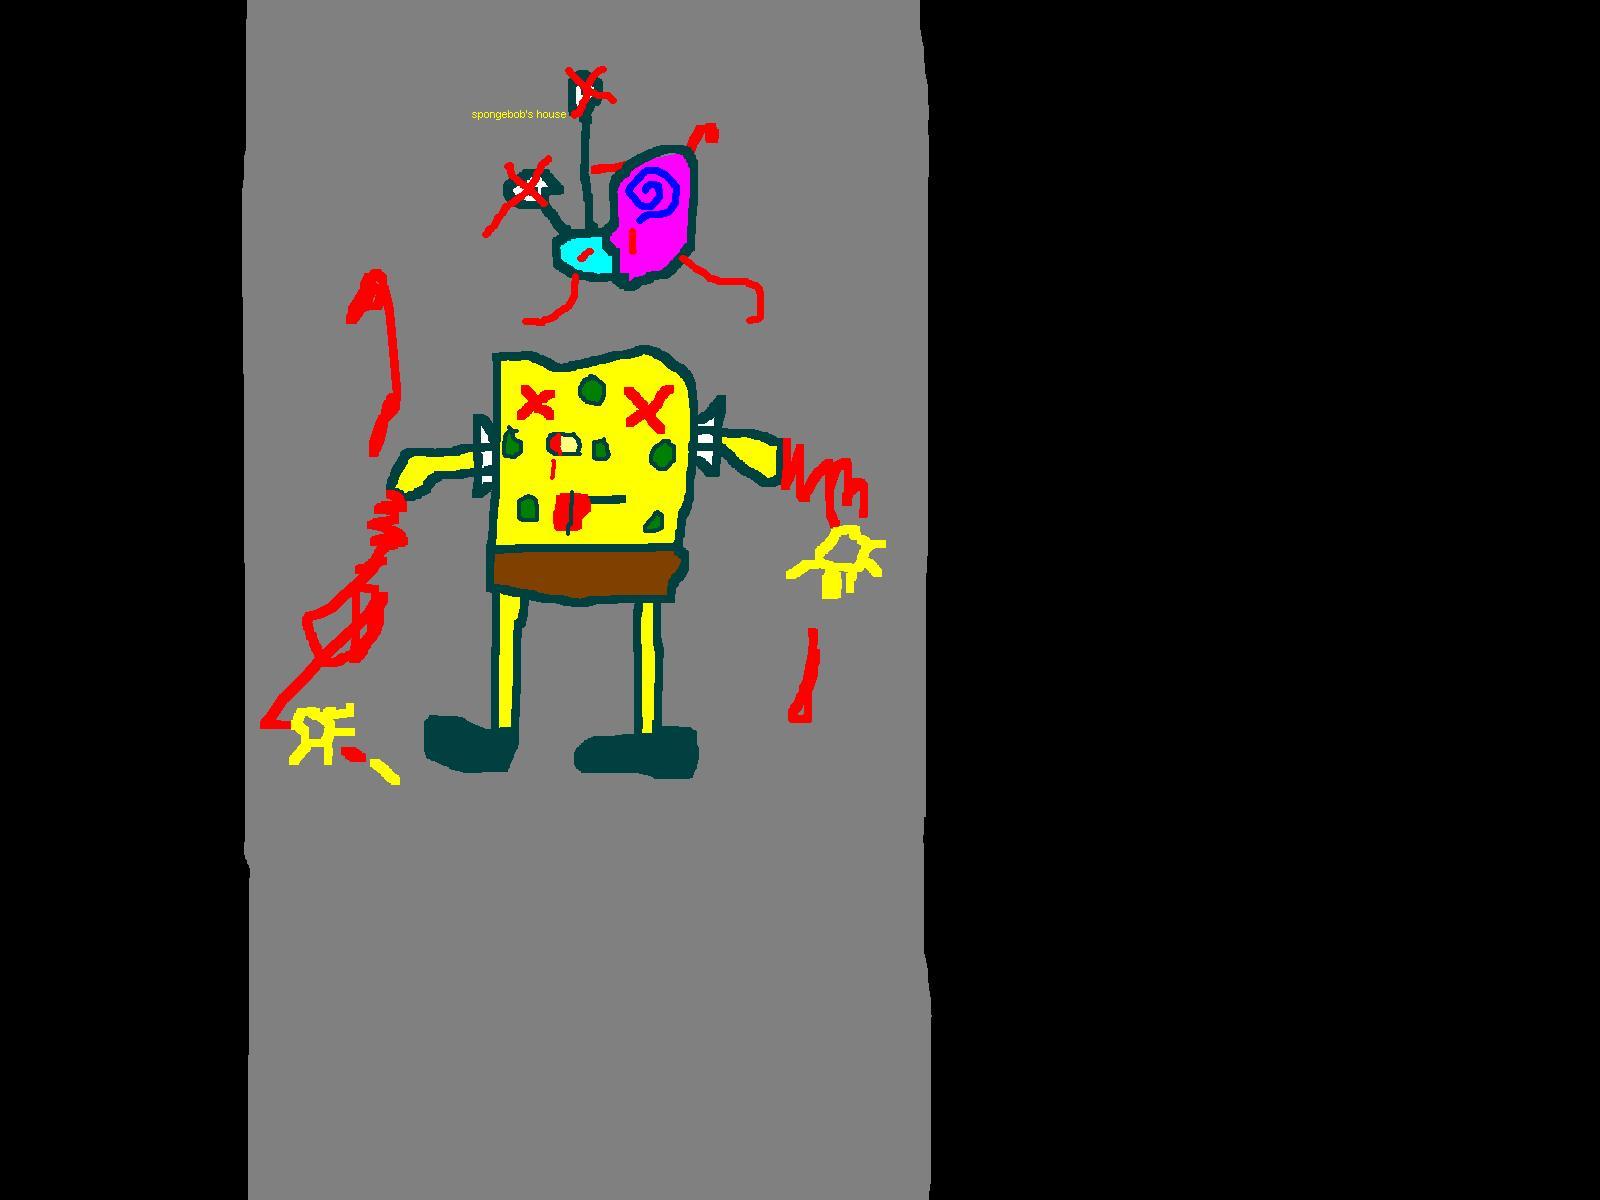 spongebob is dead oh nooooooo!